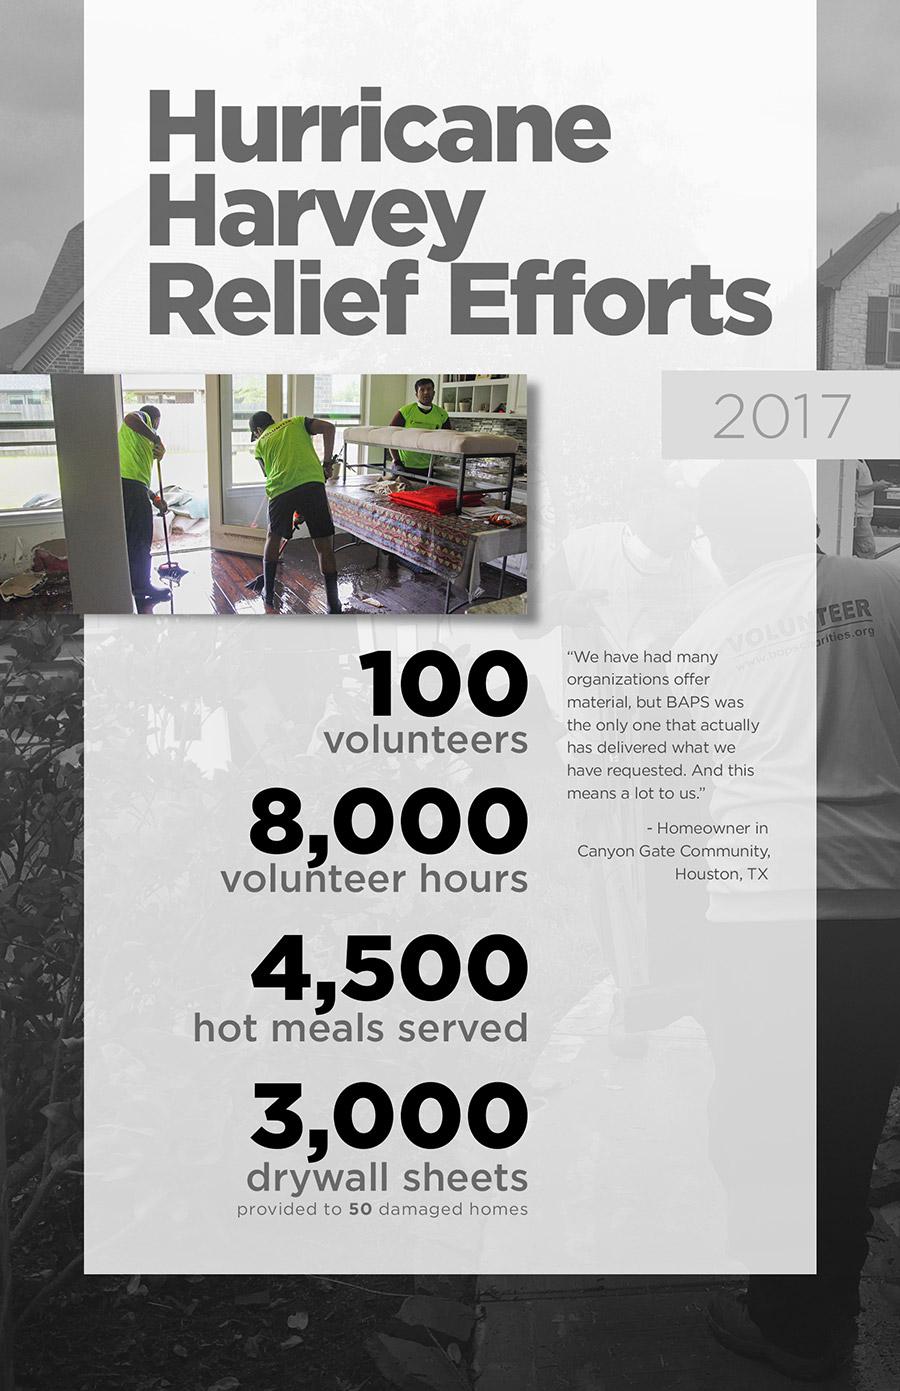 Hurricane Harvey Relief Efforts - BAPSCharities - North American Activities Annual Report 2017